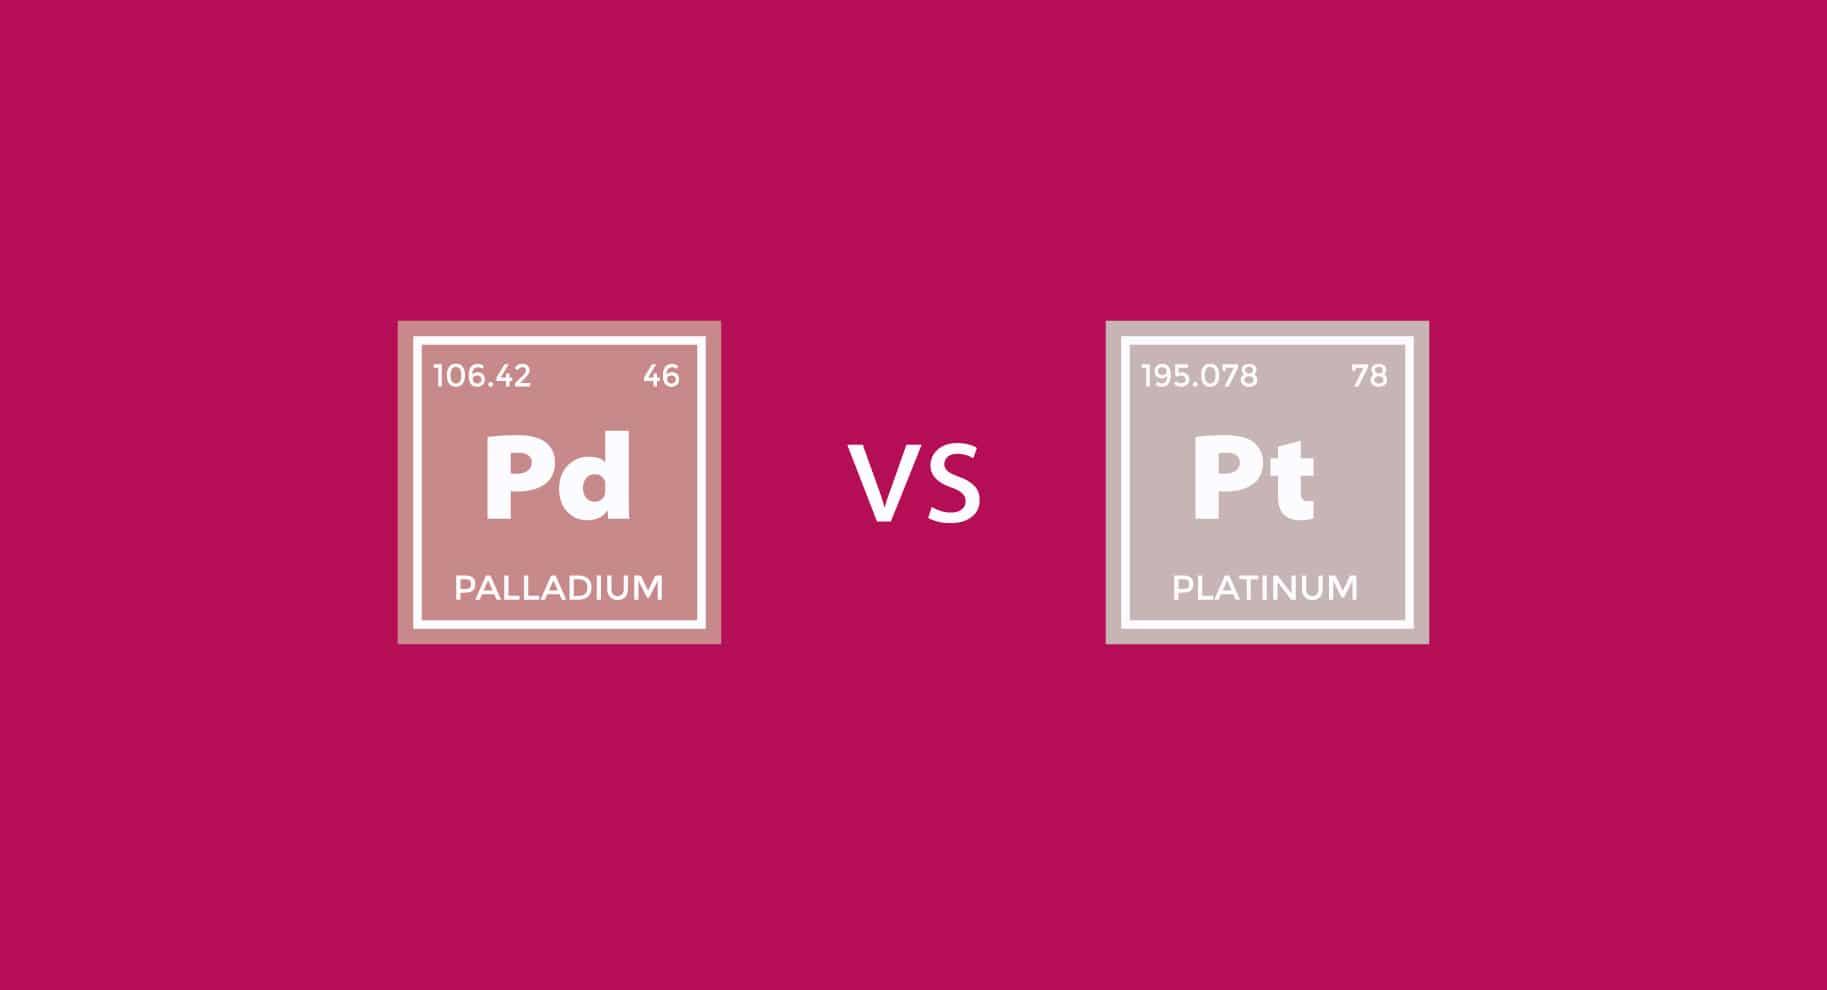 Platinum vs Palladium illustration